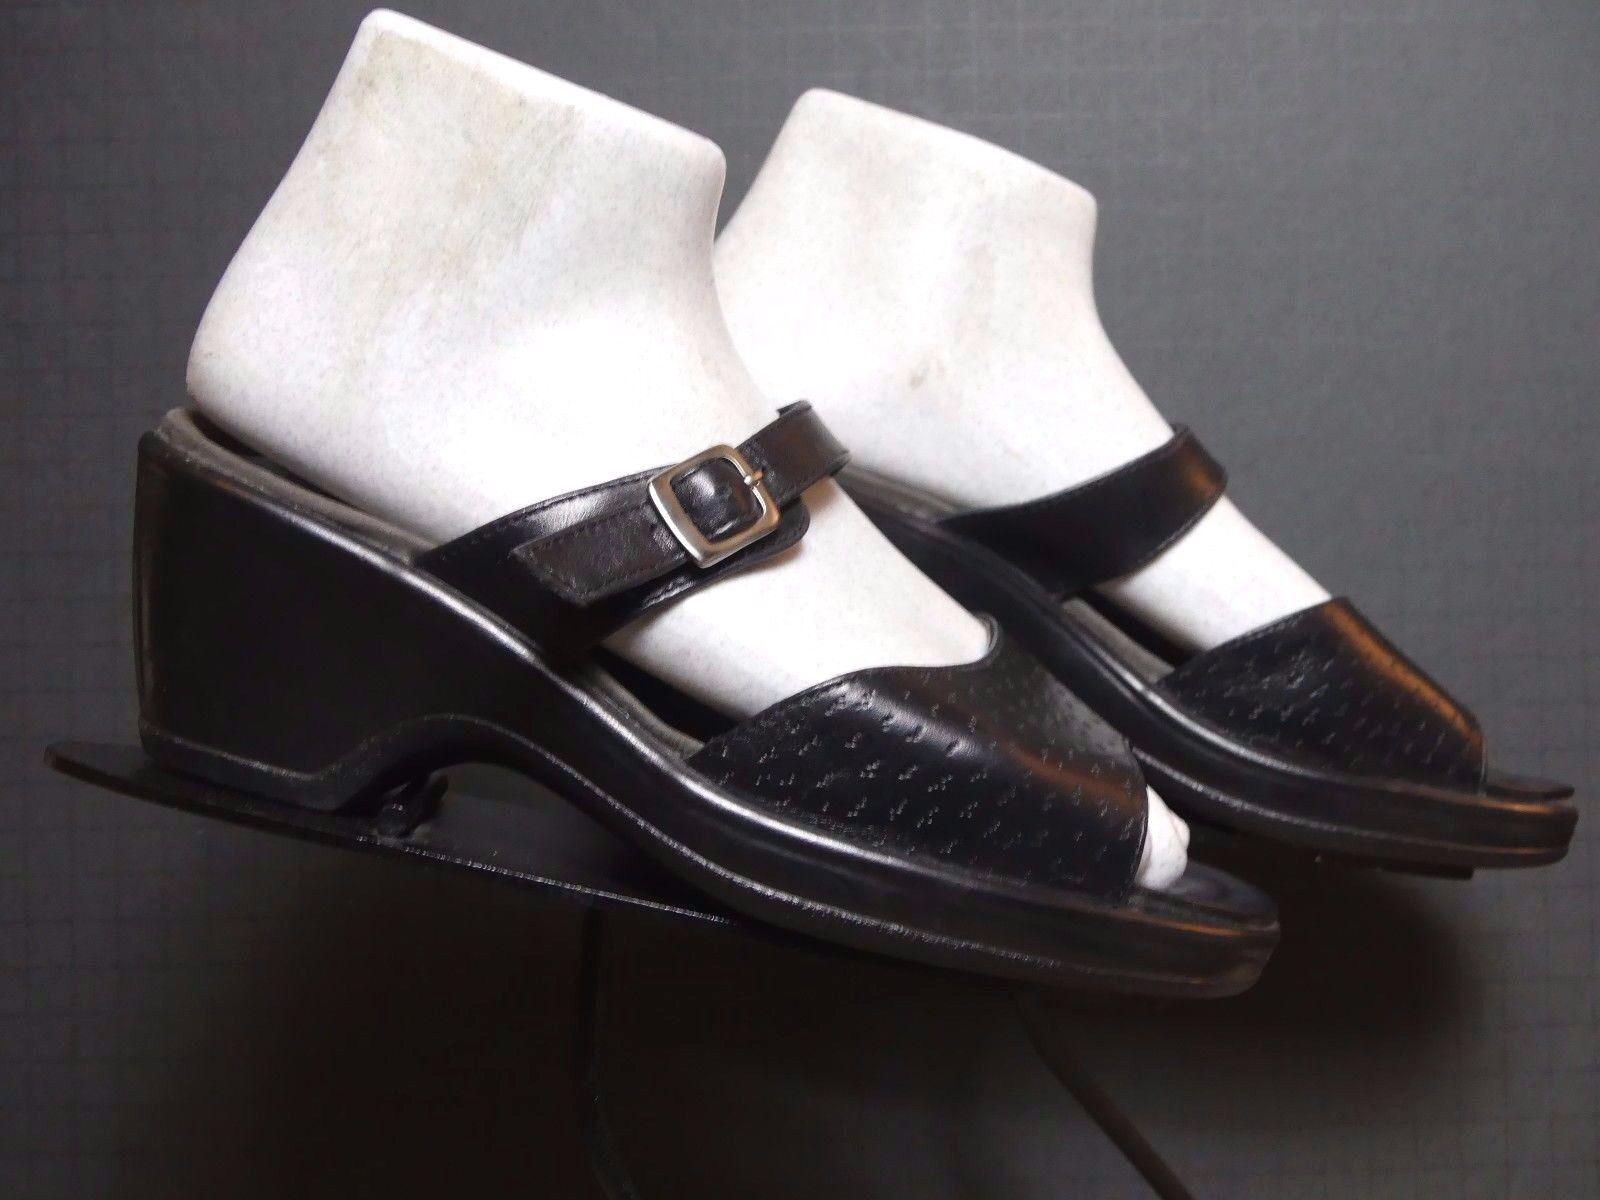 Women's Dansko Portugal Black Leather Side Open Toe Sz. 37/6.5 EXCELLENT!